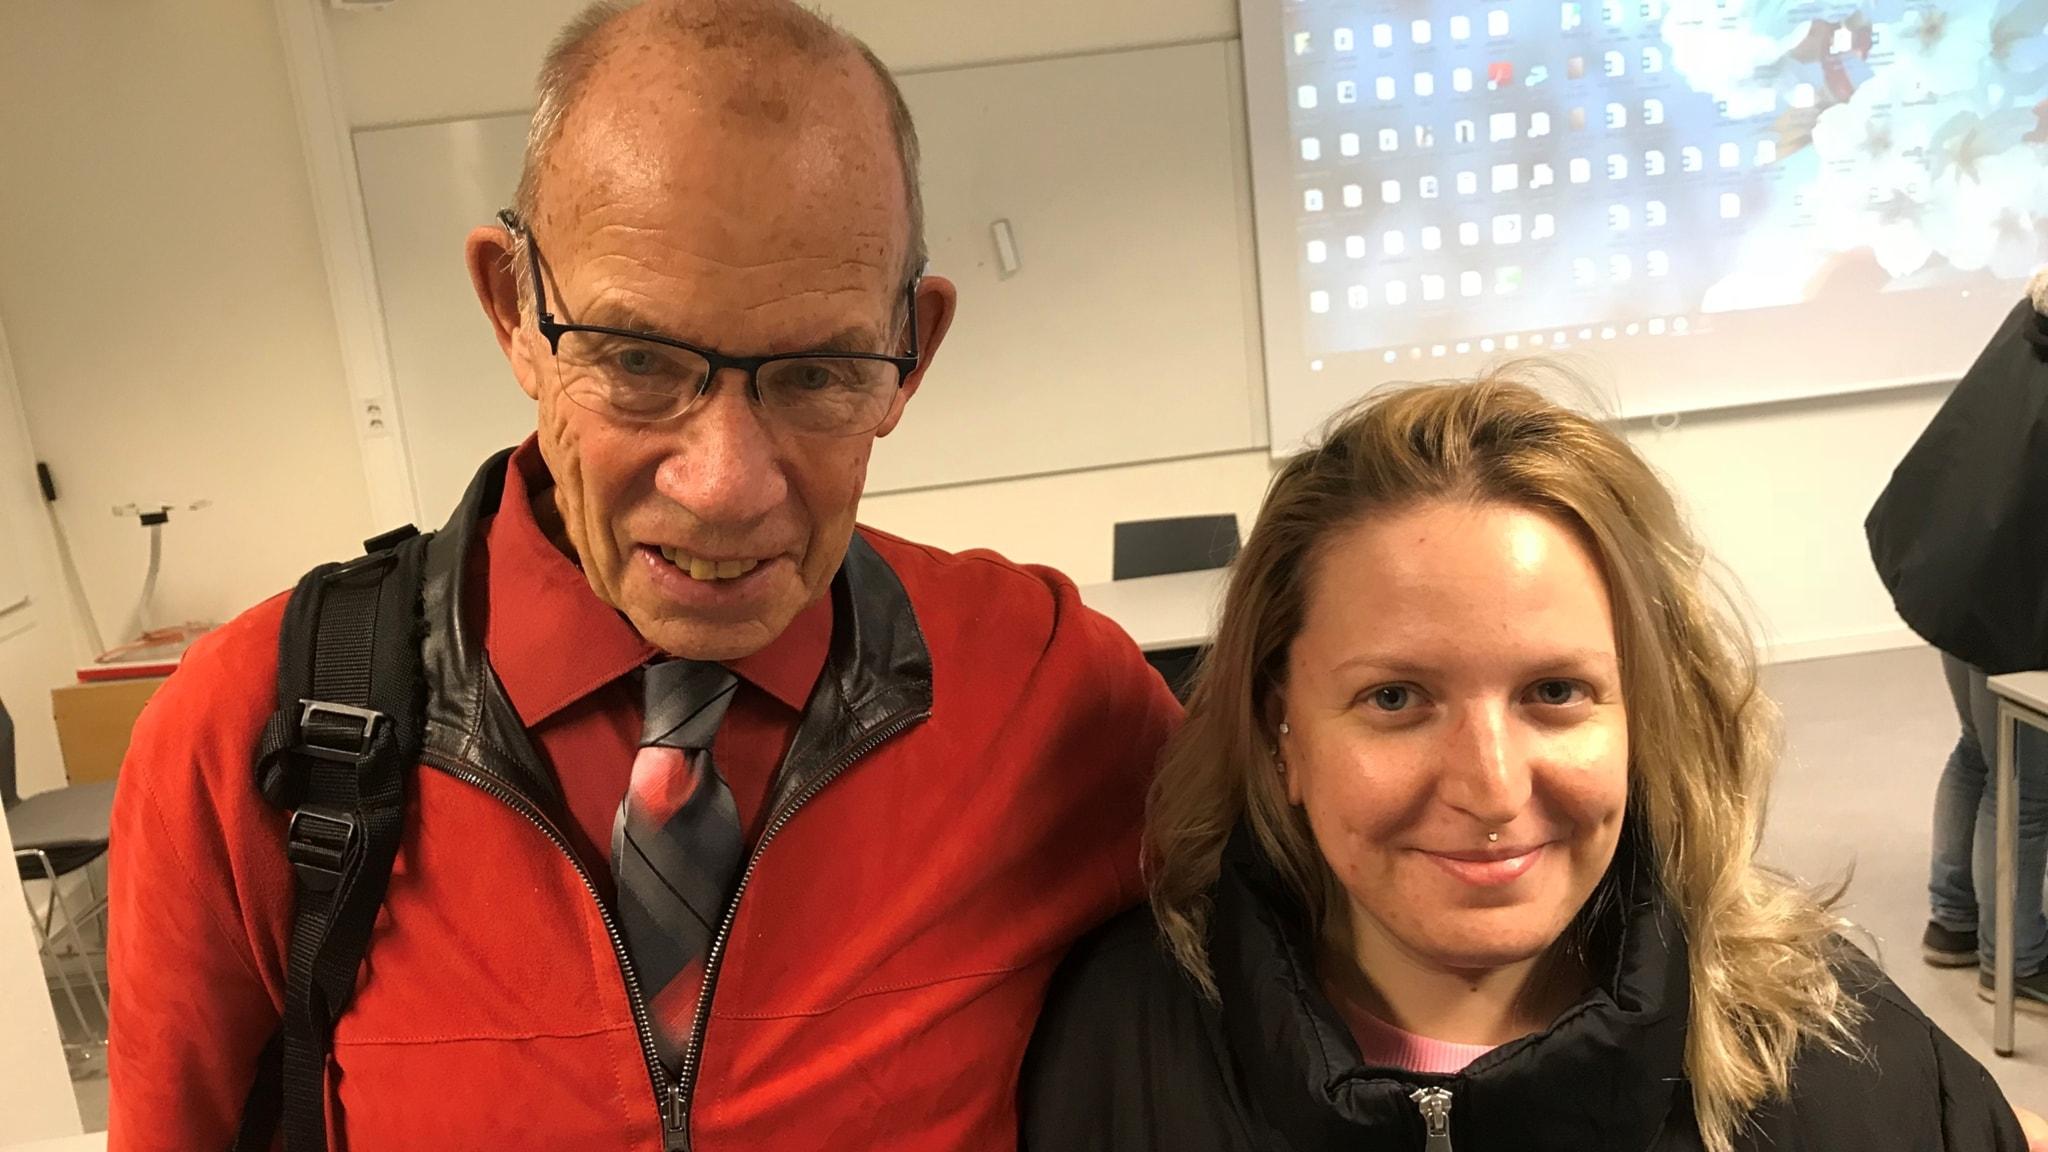 Bengt Lagerkvist, 82 år står tillsamman med sin betydligt yngre studiekamrat Malin Sundström i en föreläsningssal på Umeå Universitet.